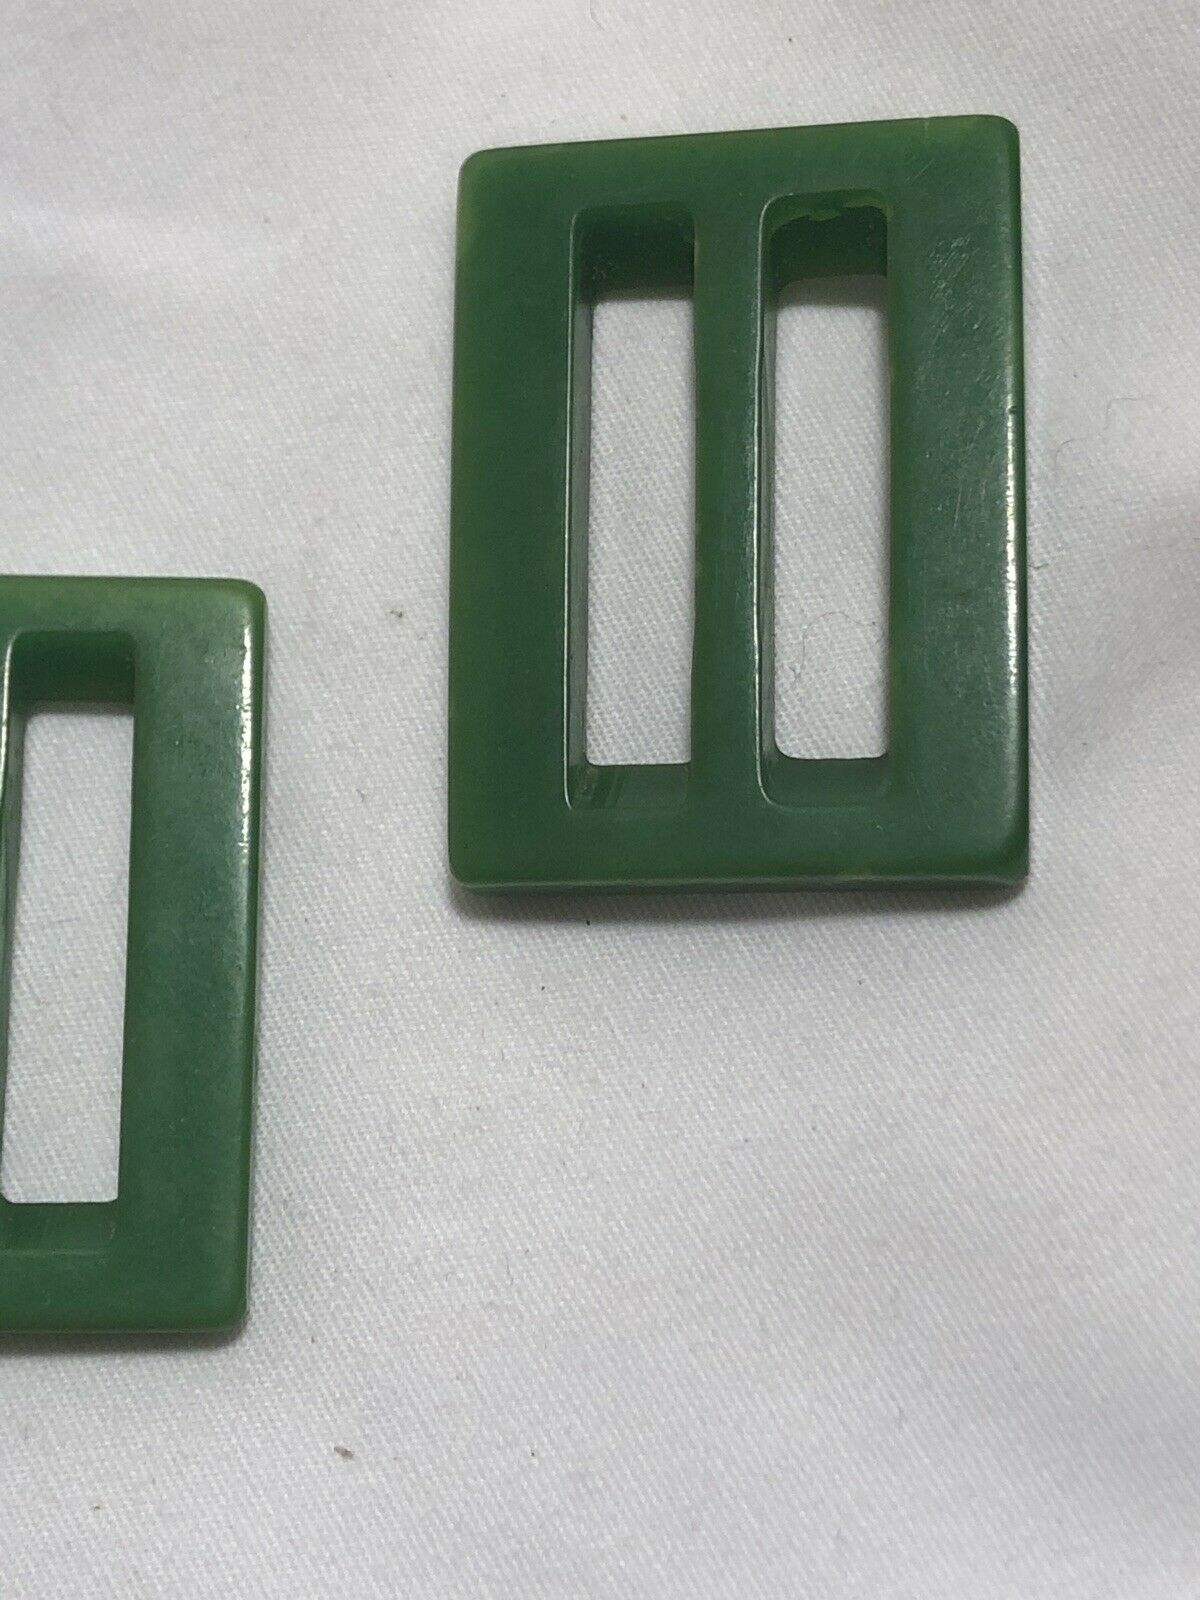 1950s GREEN BAKELITE BELT BUCKLES   - image 3